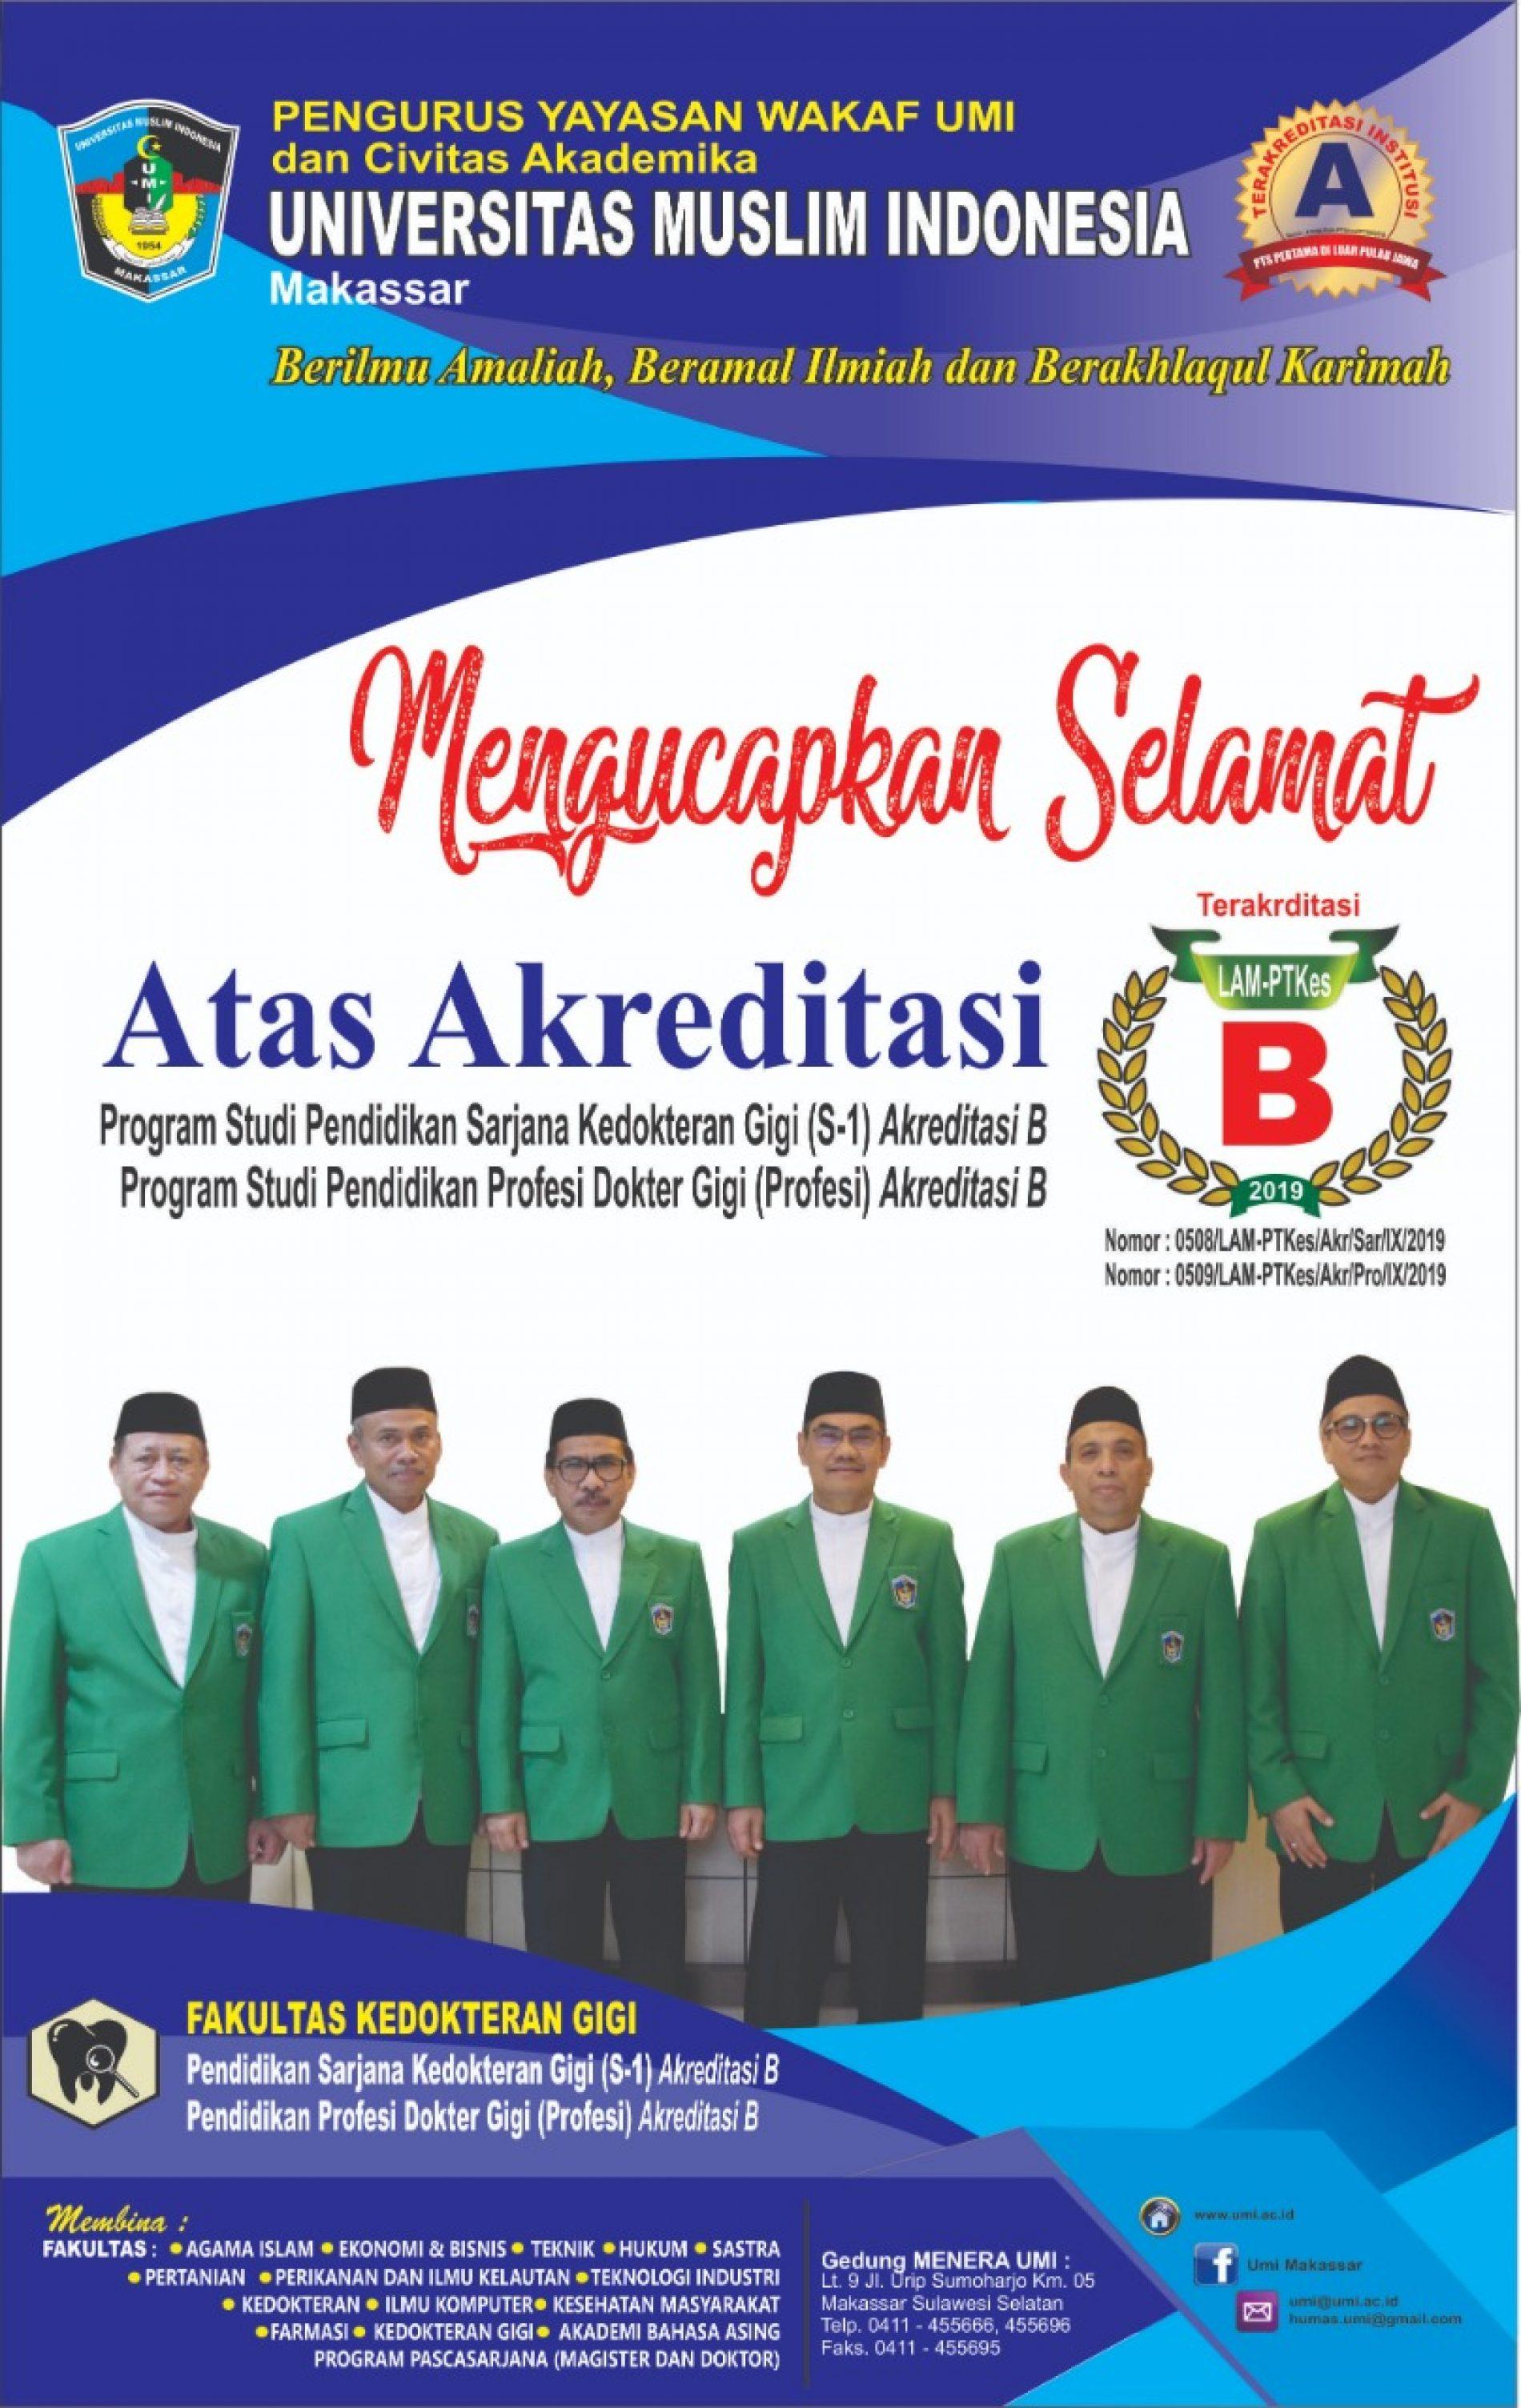 ALHAMDULILLAH ATAS AKREDITAS PROGRAM STUDI PENDIDIKAN KEDOKTERAN GIGI (S1) Dan PROFESI DOKTER GIGI UNIVERSITAS MUSLIM INDONESIA Oleh LAM-PTKes